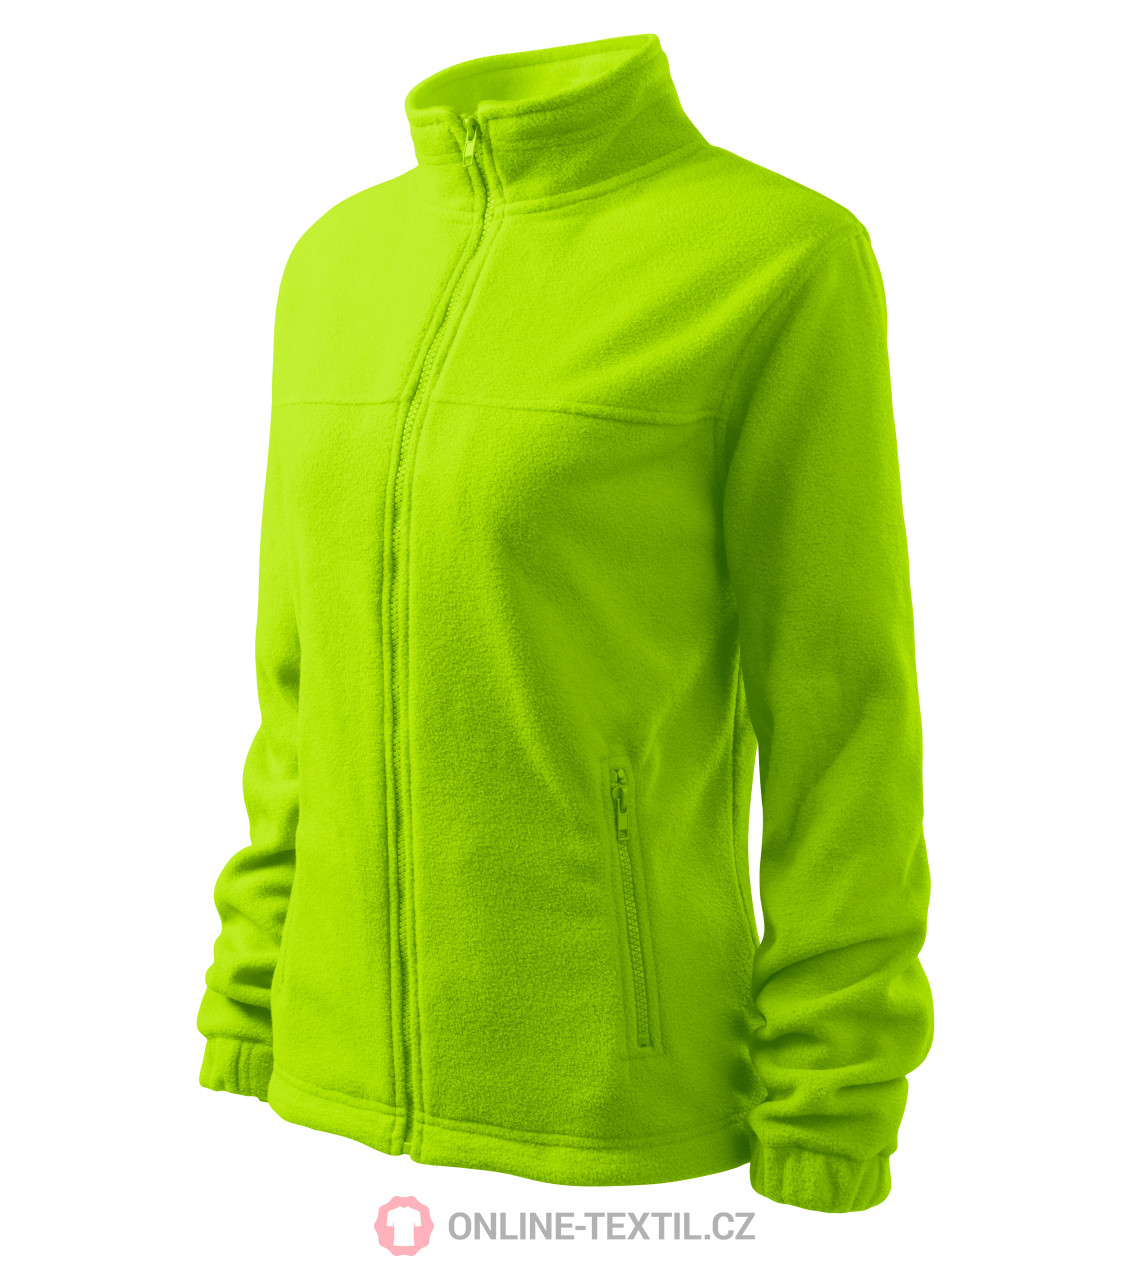 ADLER CZECH Dámská fleece bunda mikina Fleece Jacket 504 - limetková ... 18ce928ae0